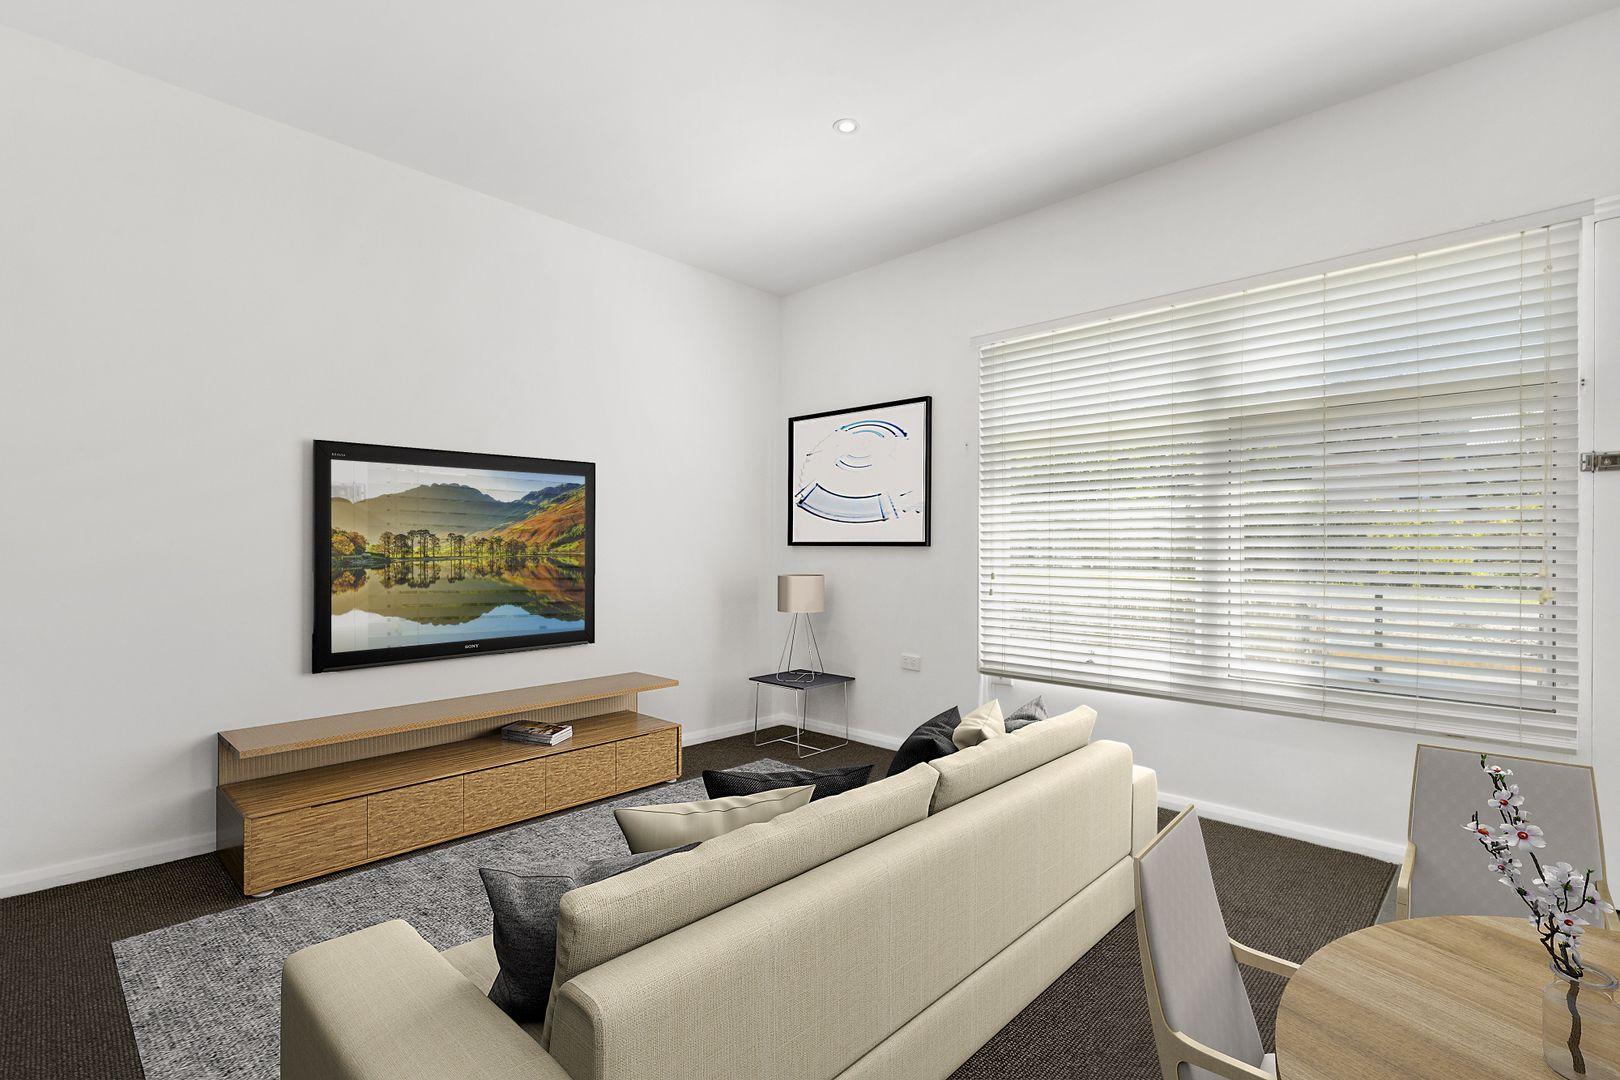 5/12 Jutland Avenue, Wollongong NSW 2500, Image 0